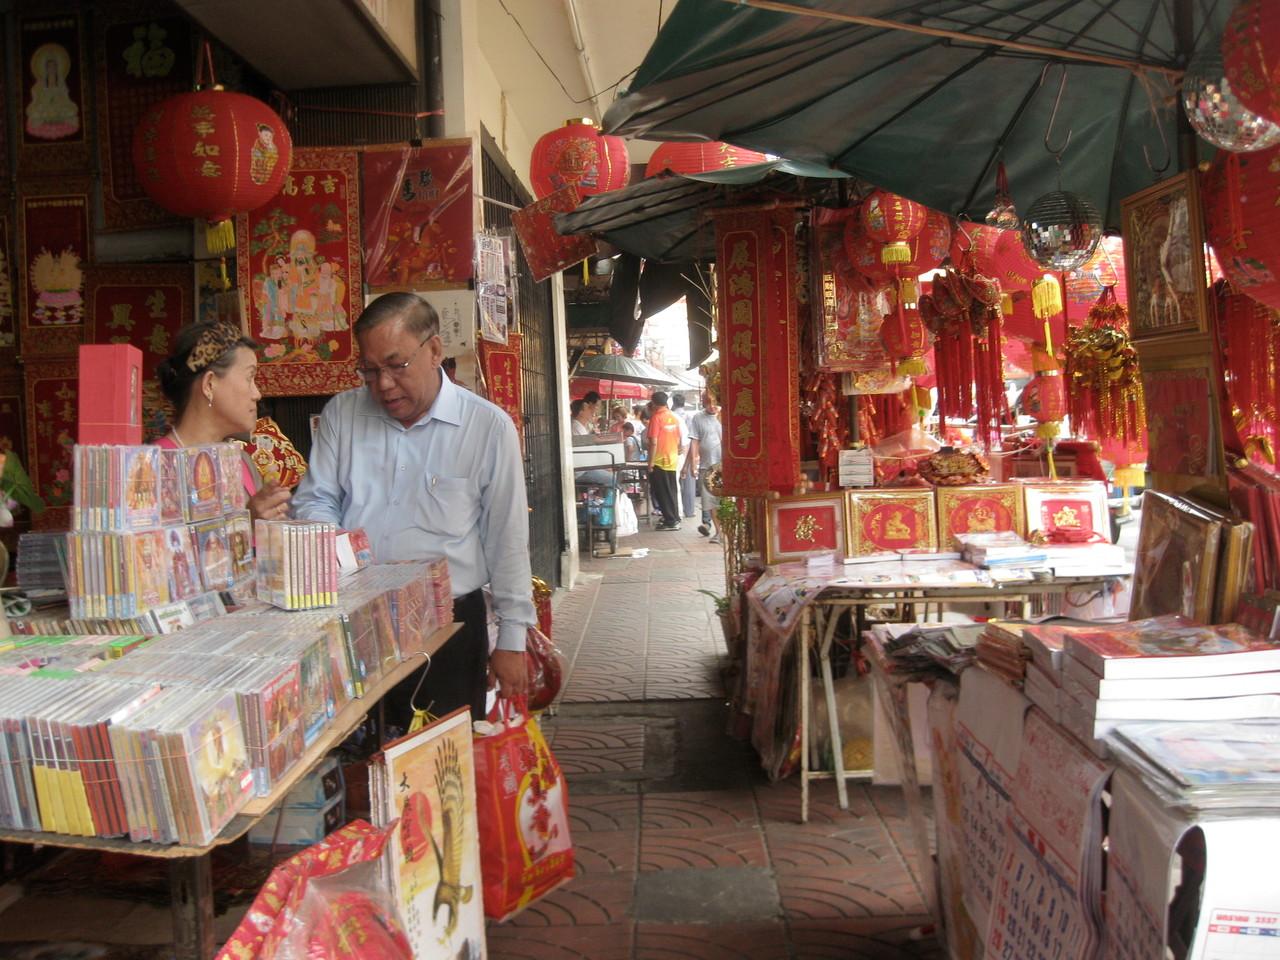 ヤワラート通りはいたるところ縁起がいいとされる赤色だらけ。